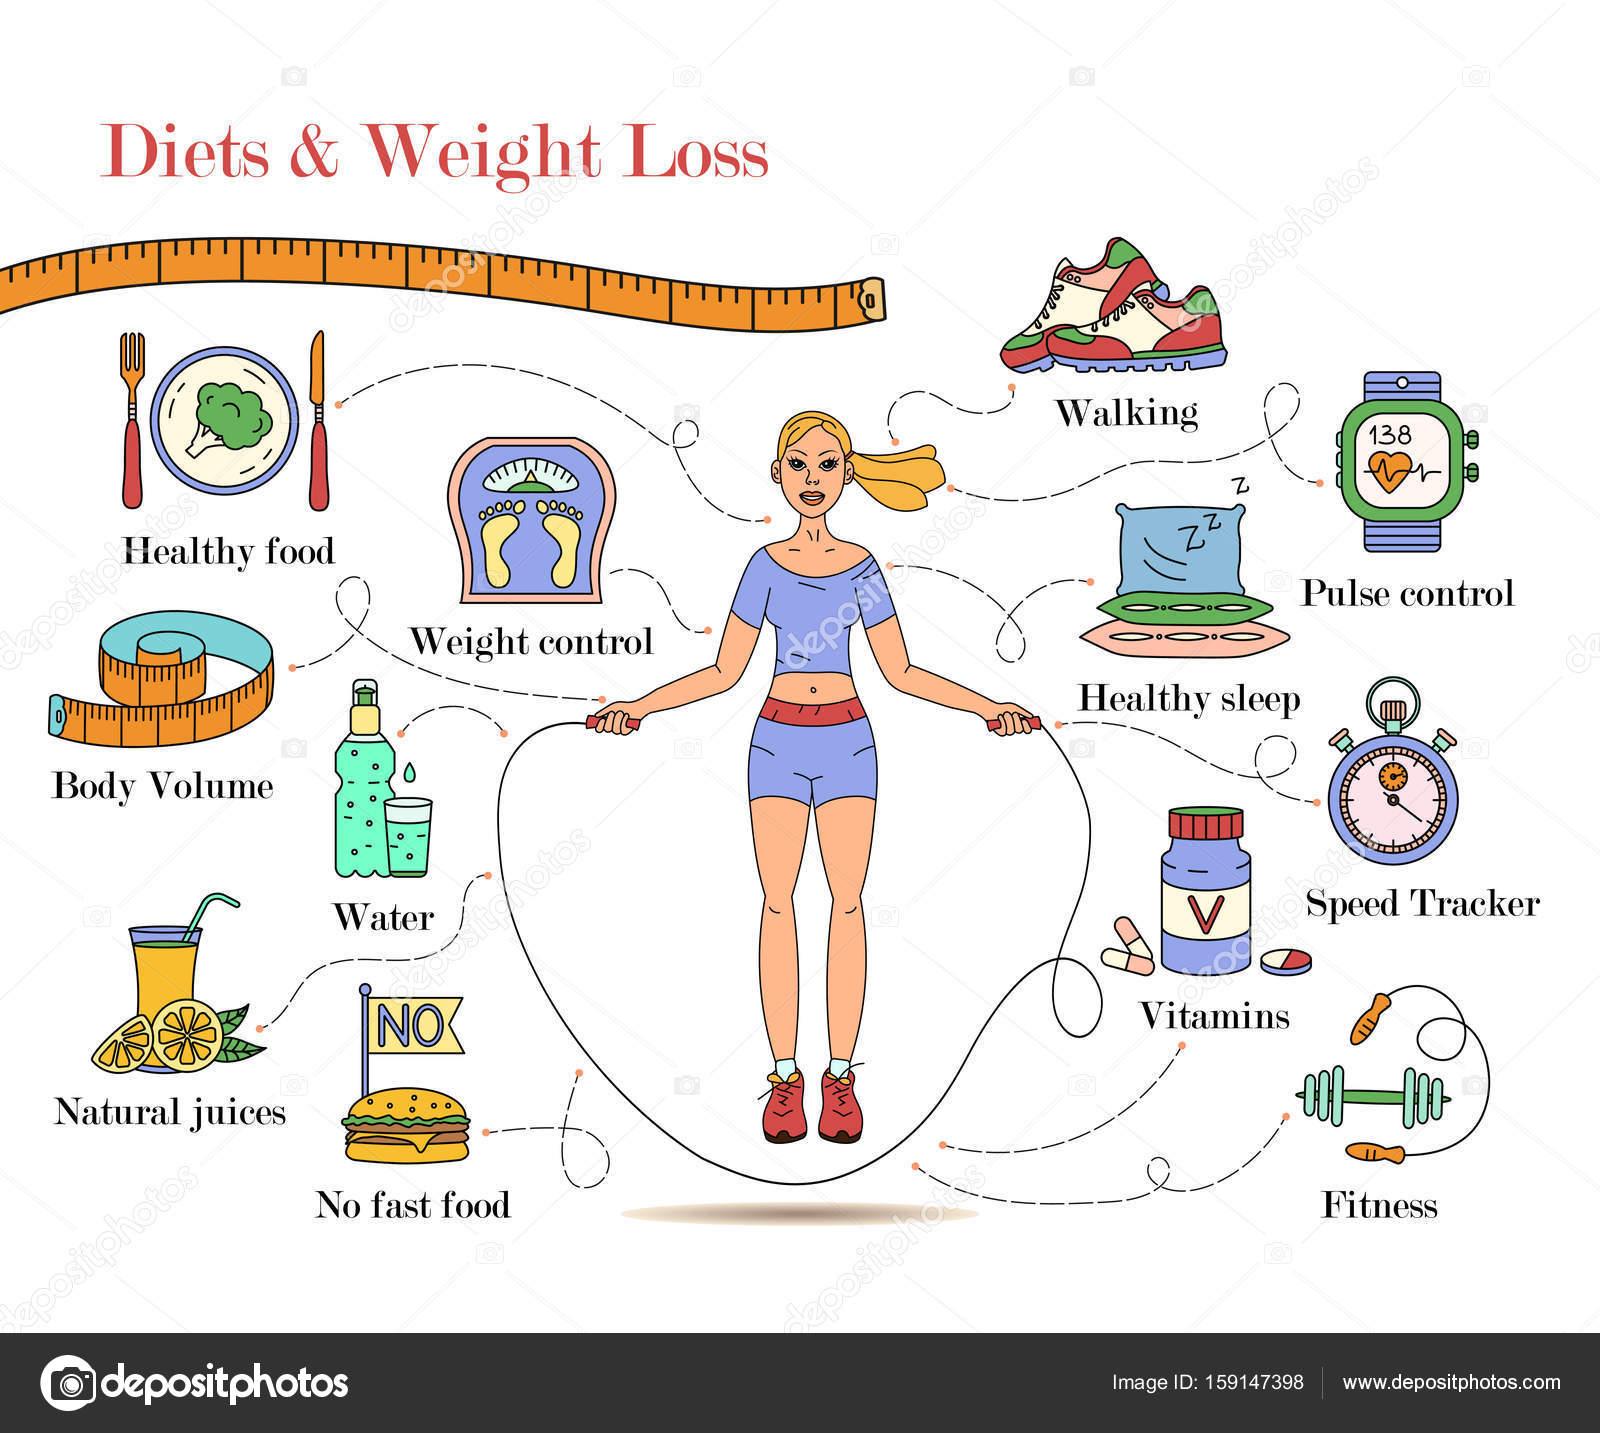 Como perdida de peso en dieta